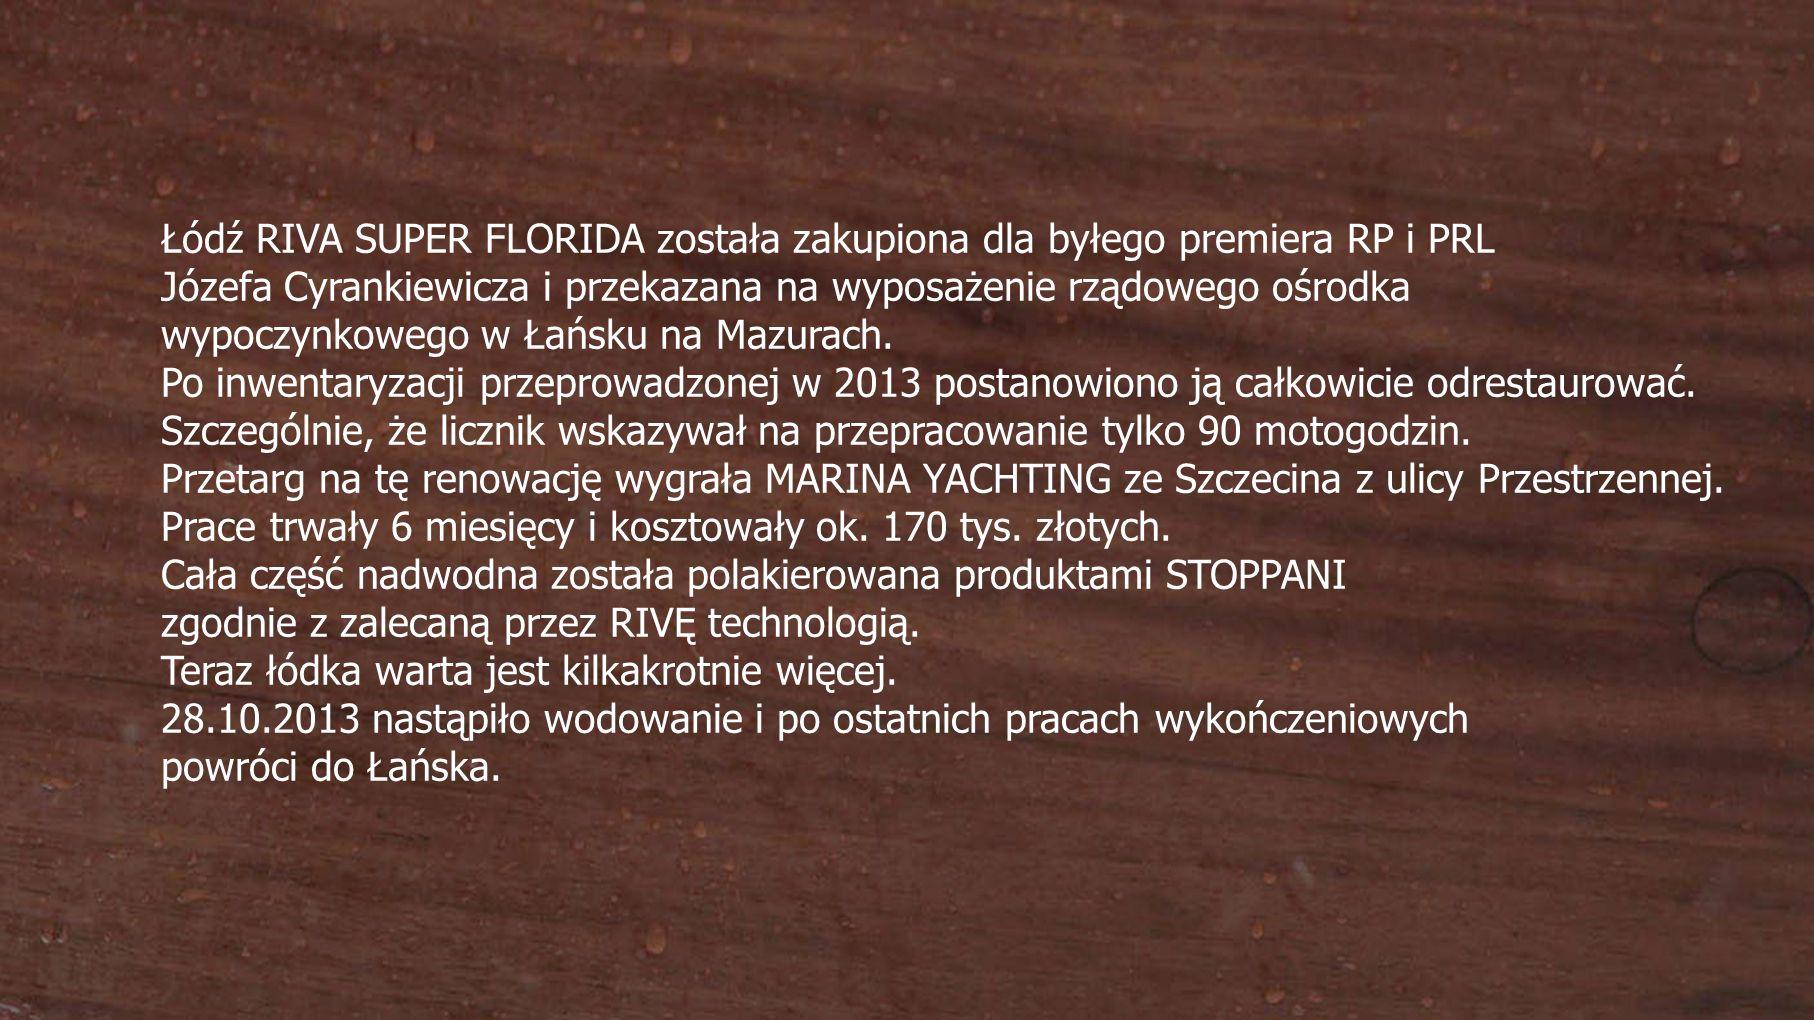 Łódź RIVA SUPER FLORIDA została zakupiona dla byłego premiera RP i PRL